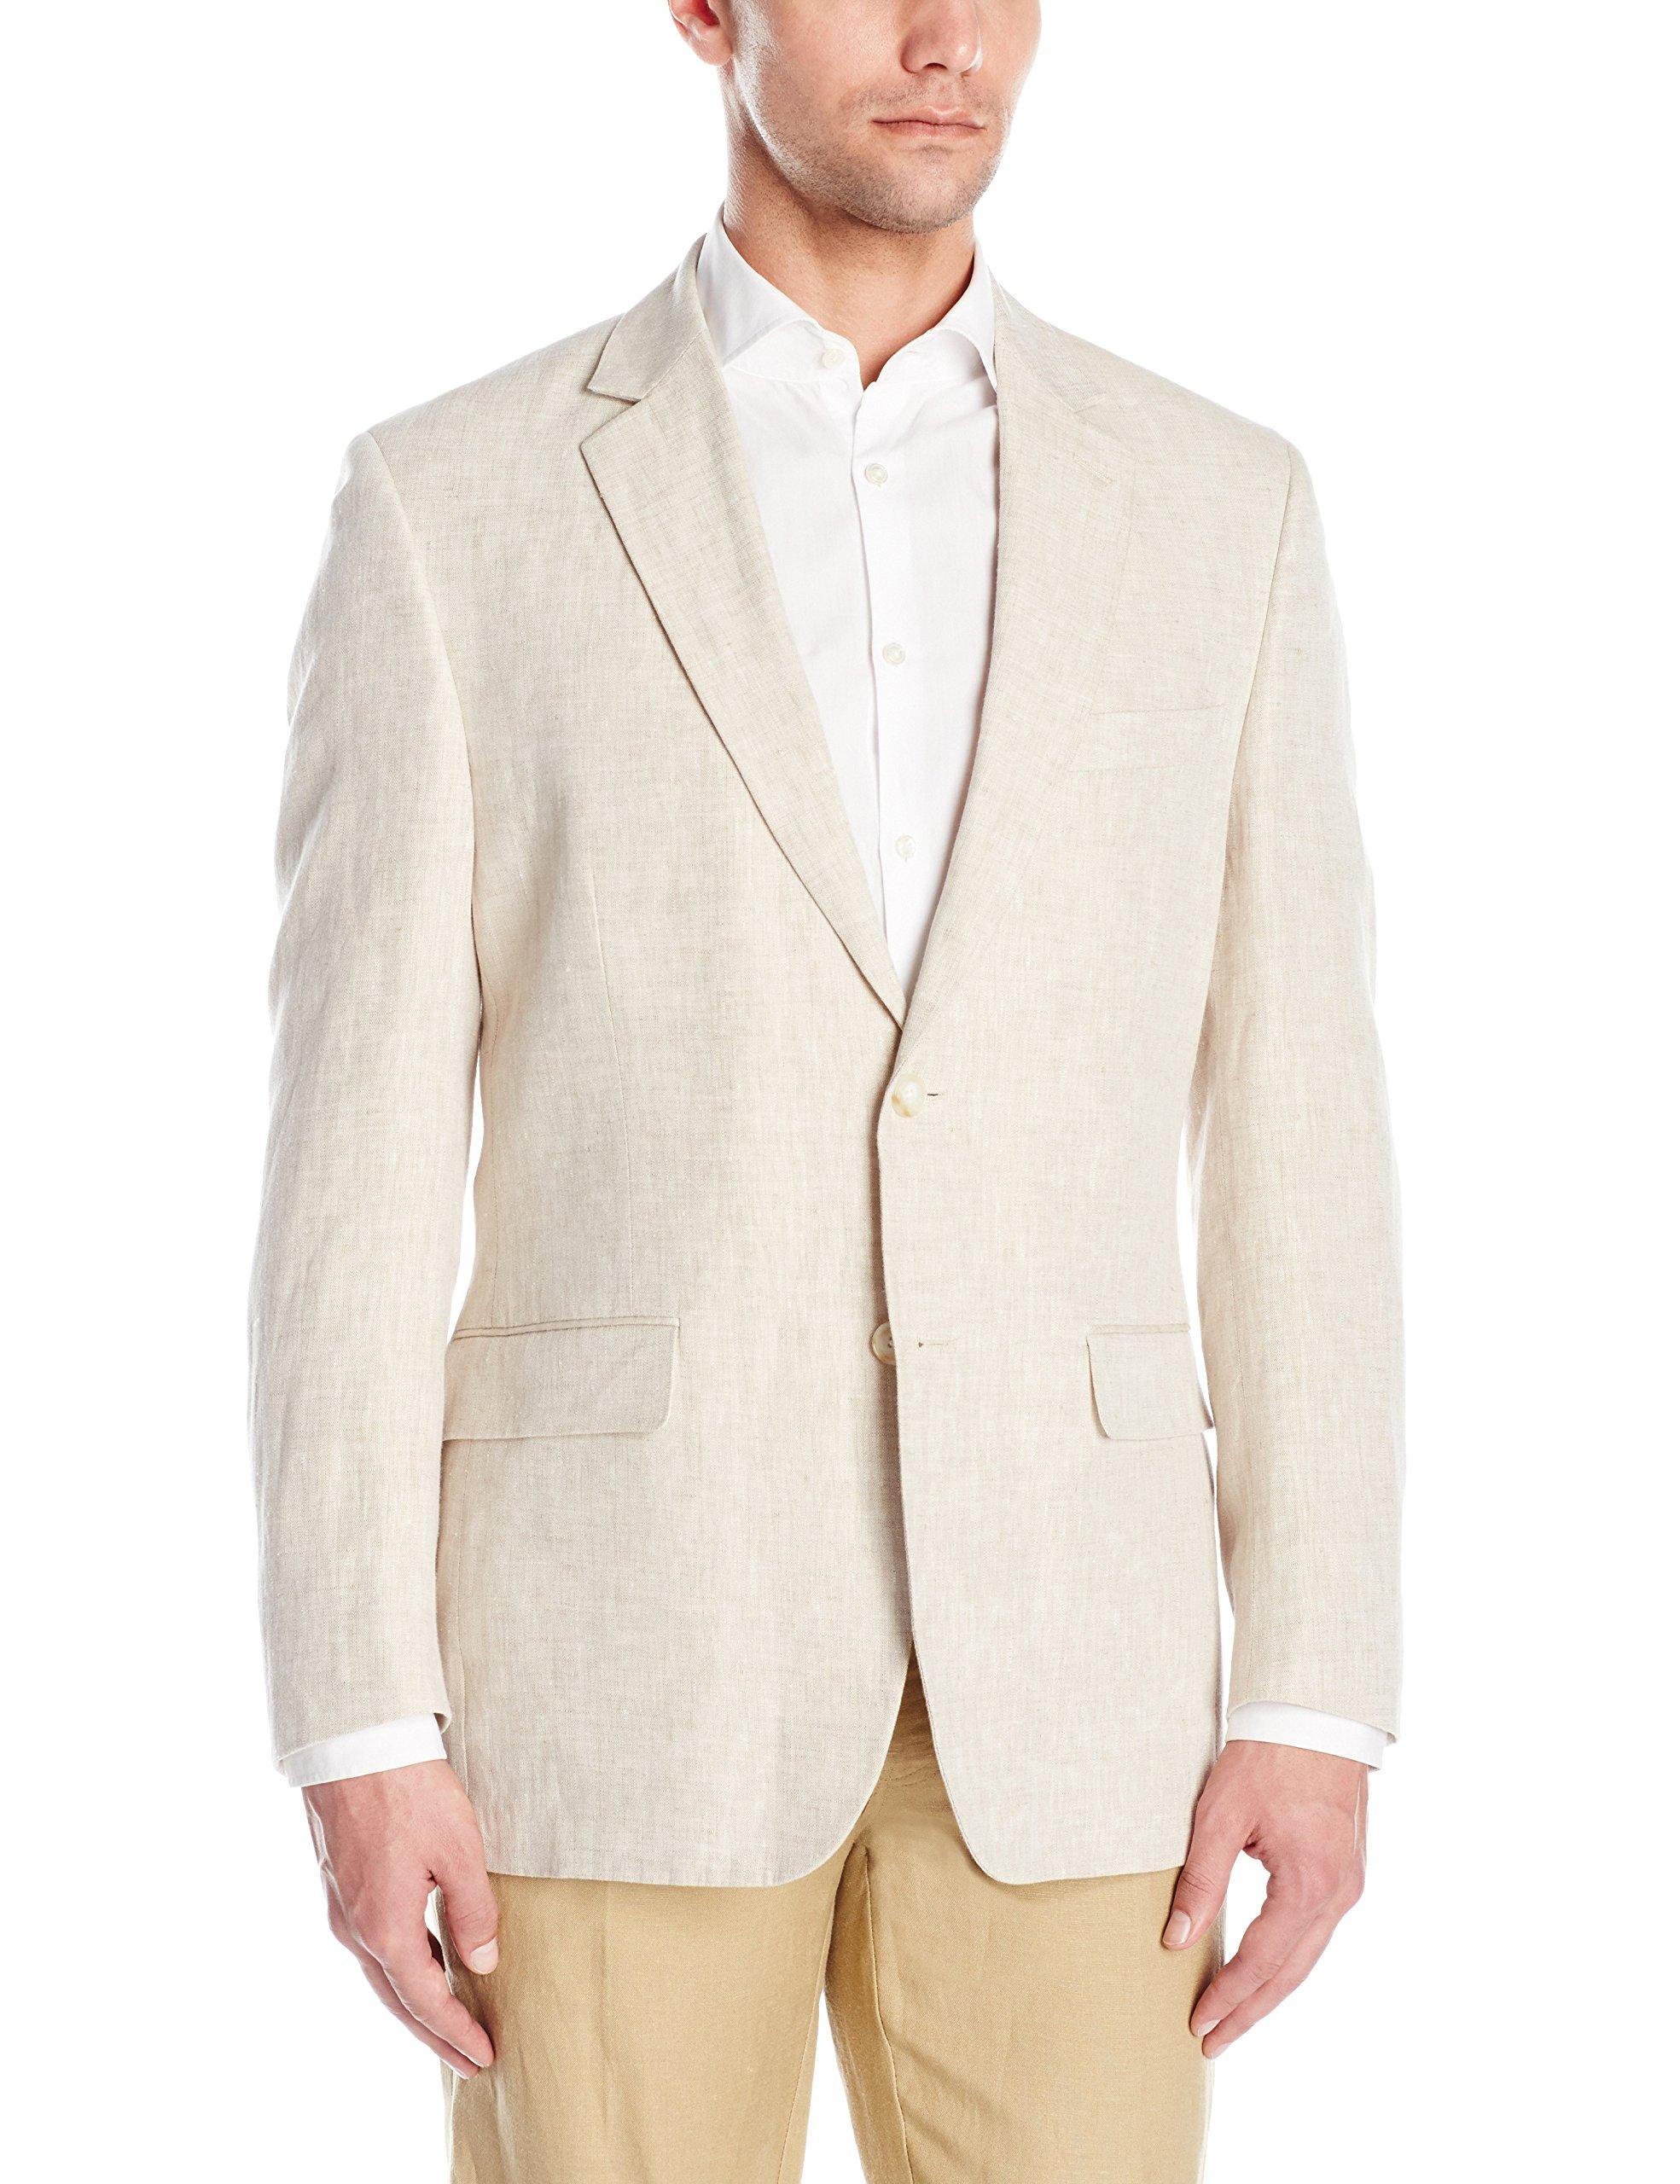 Palm Beach Men's Brock Suit Seprate Jacket, Natural Linen, 48 Long